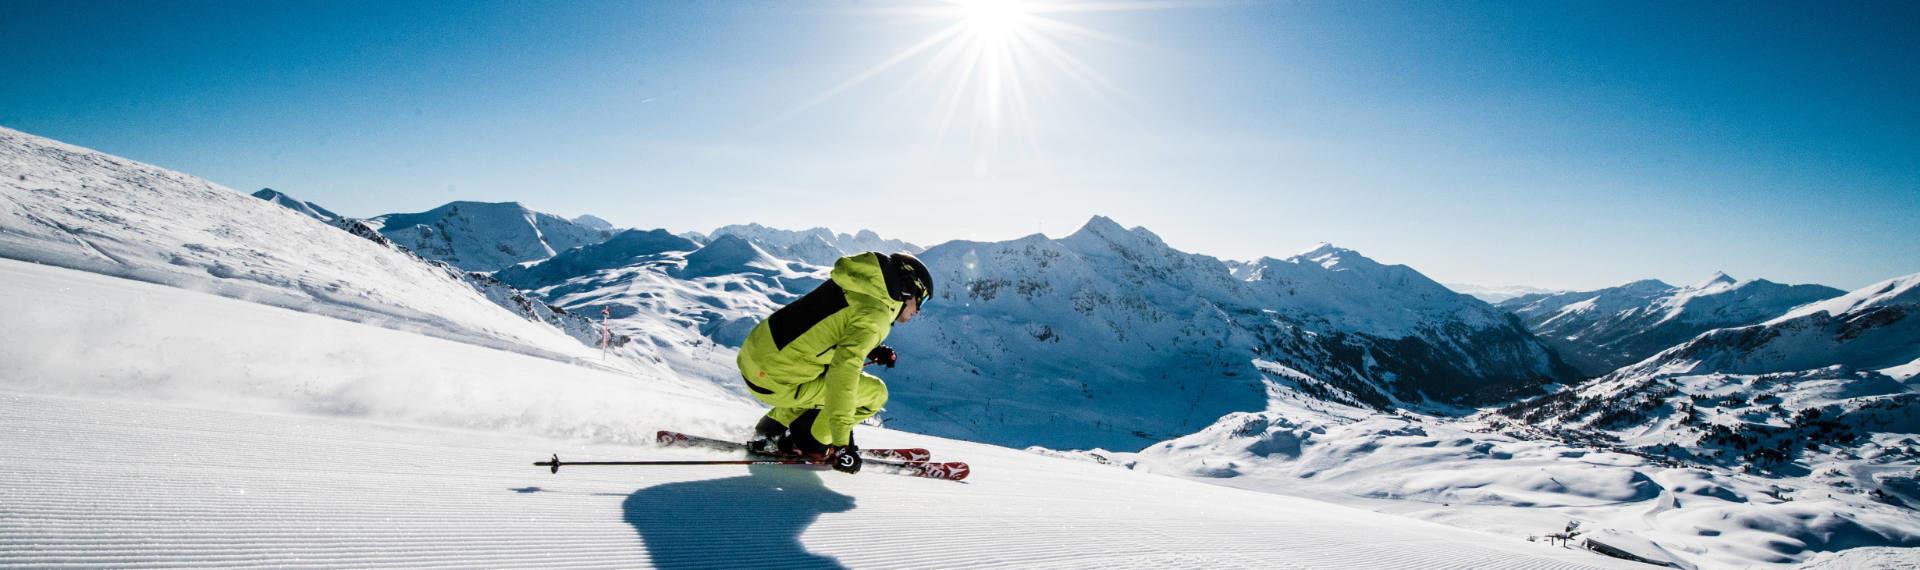 Winterurlaub Obertauern Marchlhof Untertauern Slideshow